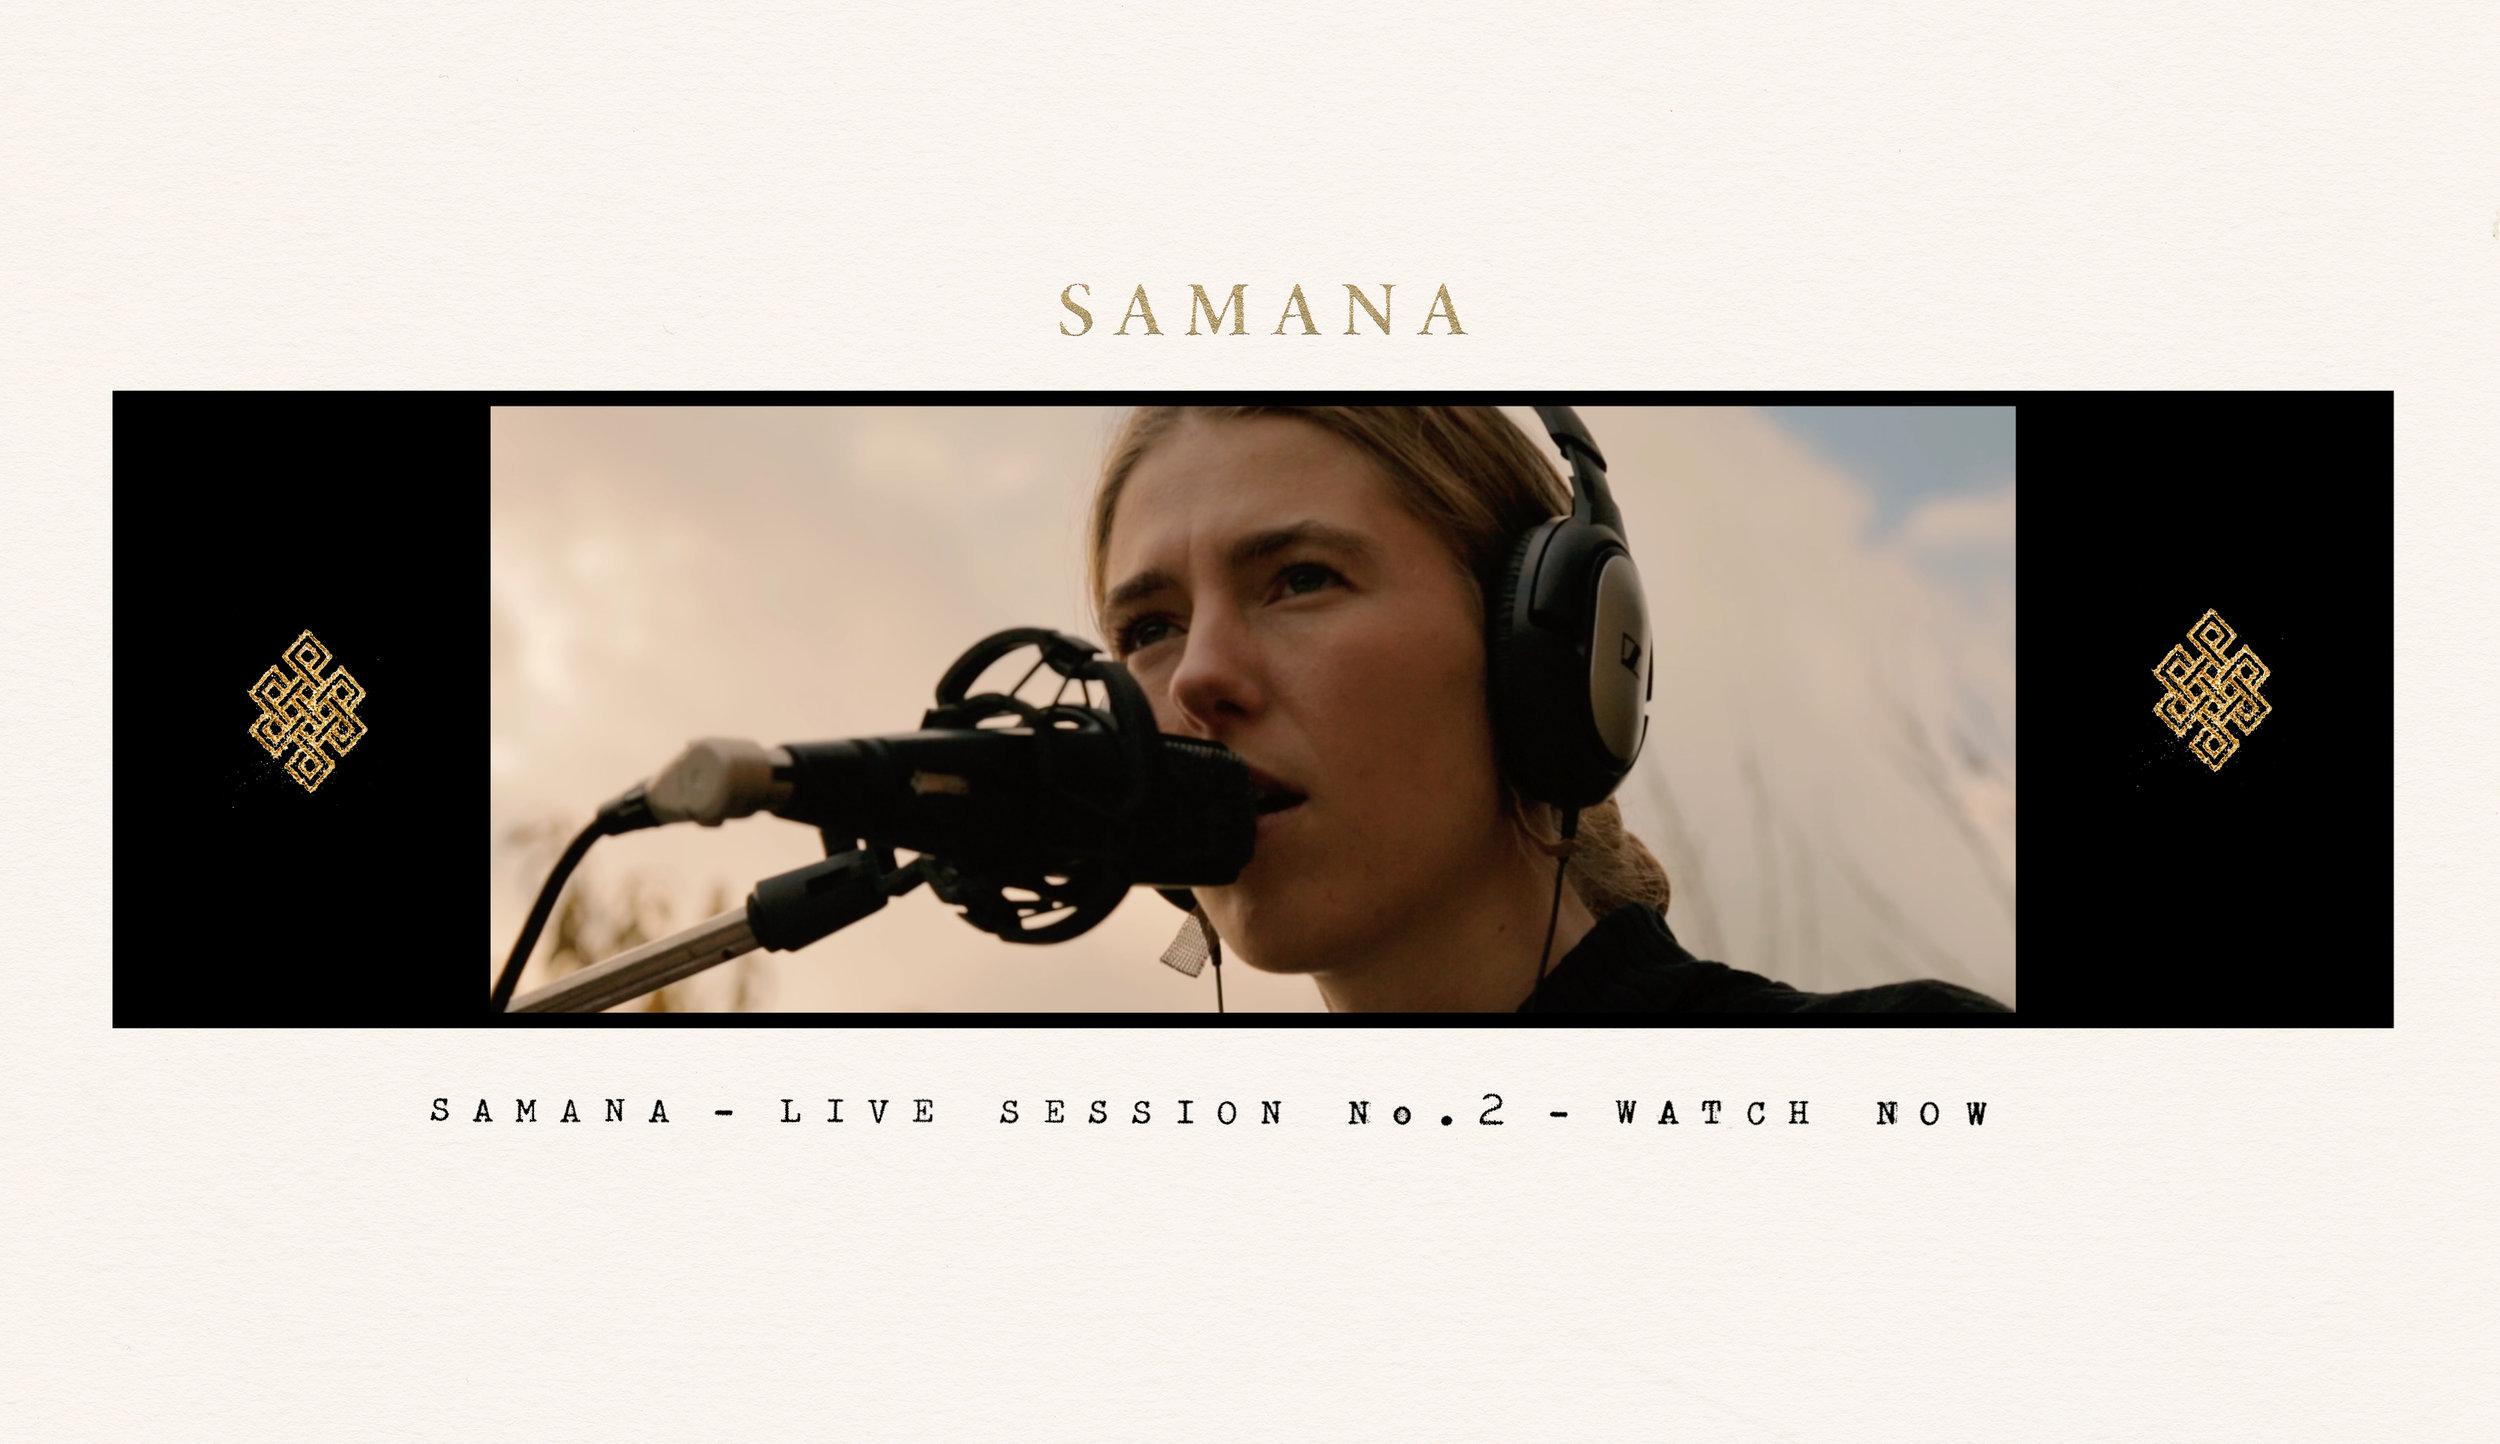 Samana, Samana live, Samana band, Samana music, Samana Live Session No.2